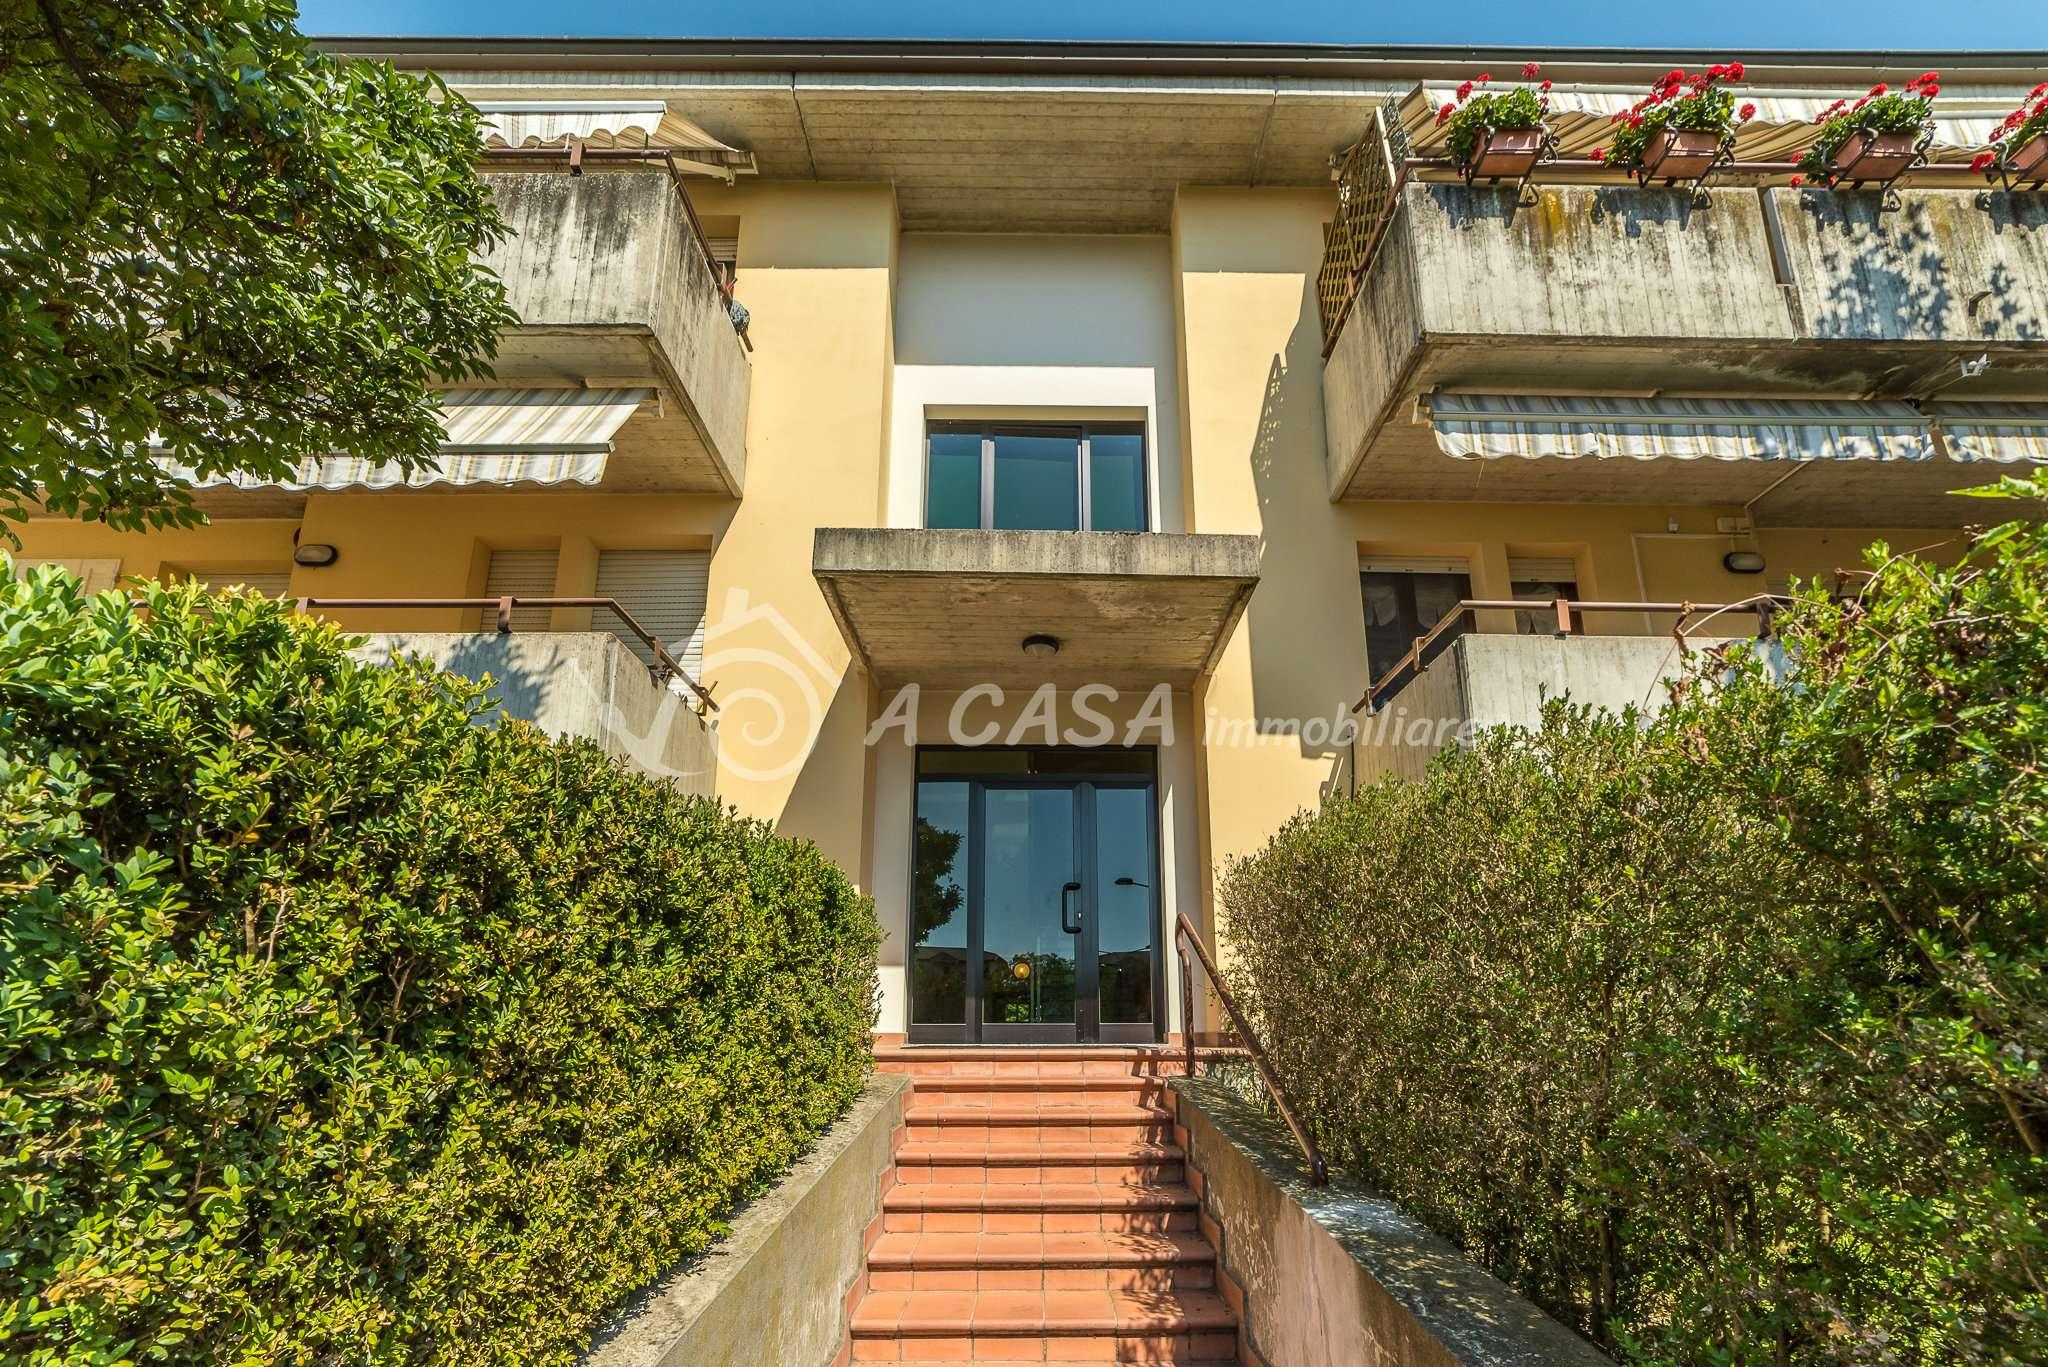 Appartamento in vendita a Felino, 3 locali, prezzo € 145.000 | CambioCasa.it